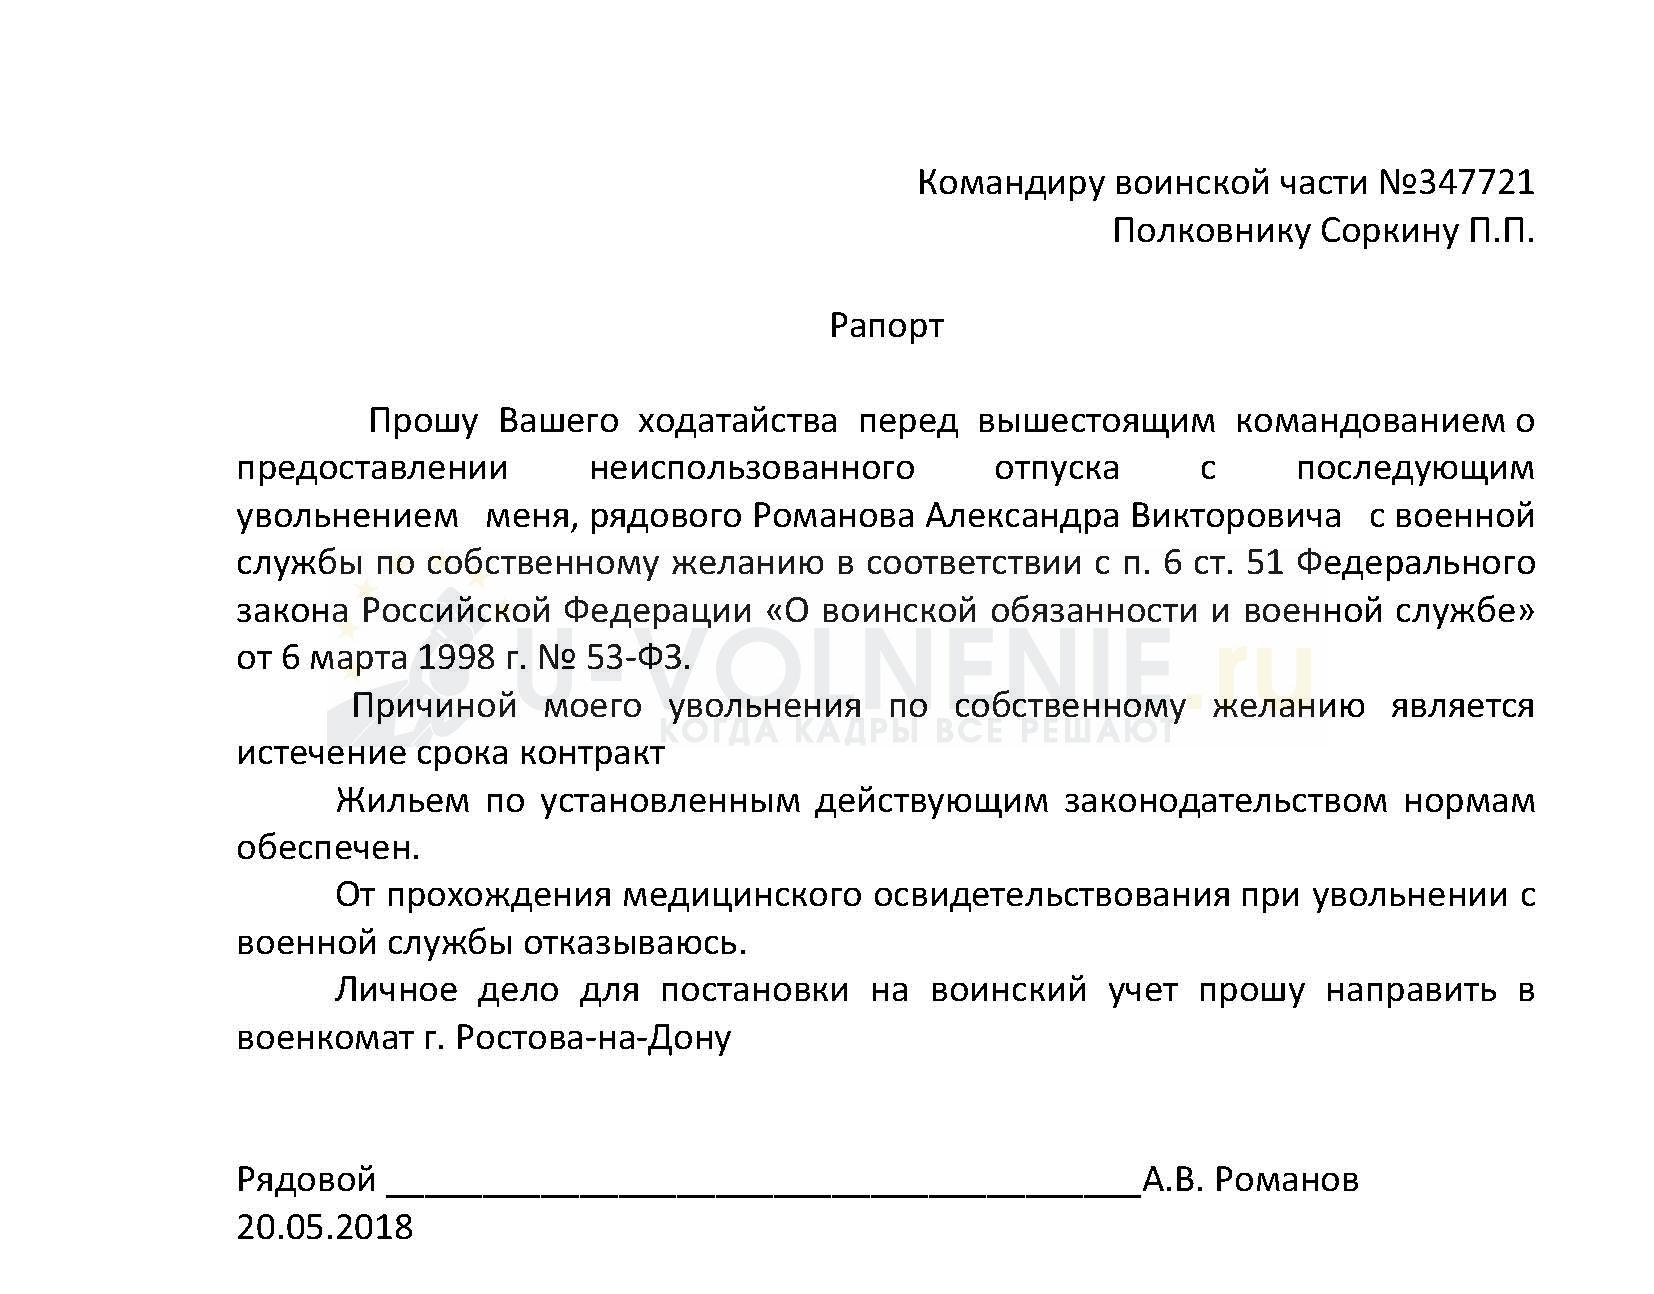 Образец рапорта на увольнение из армии по собственному желанию после отпуска